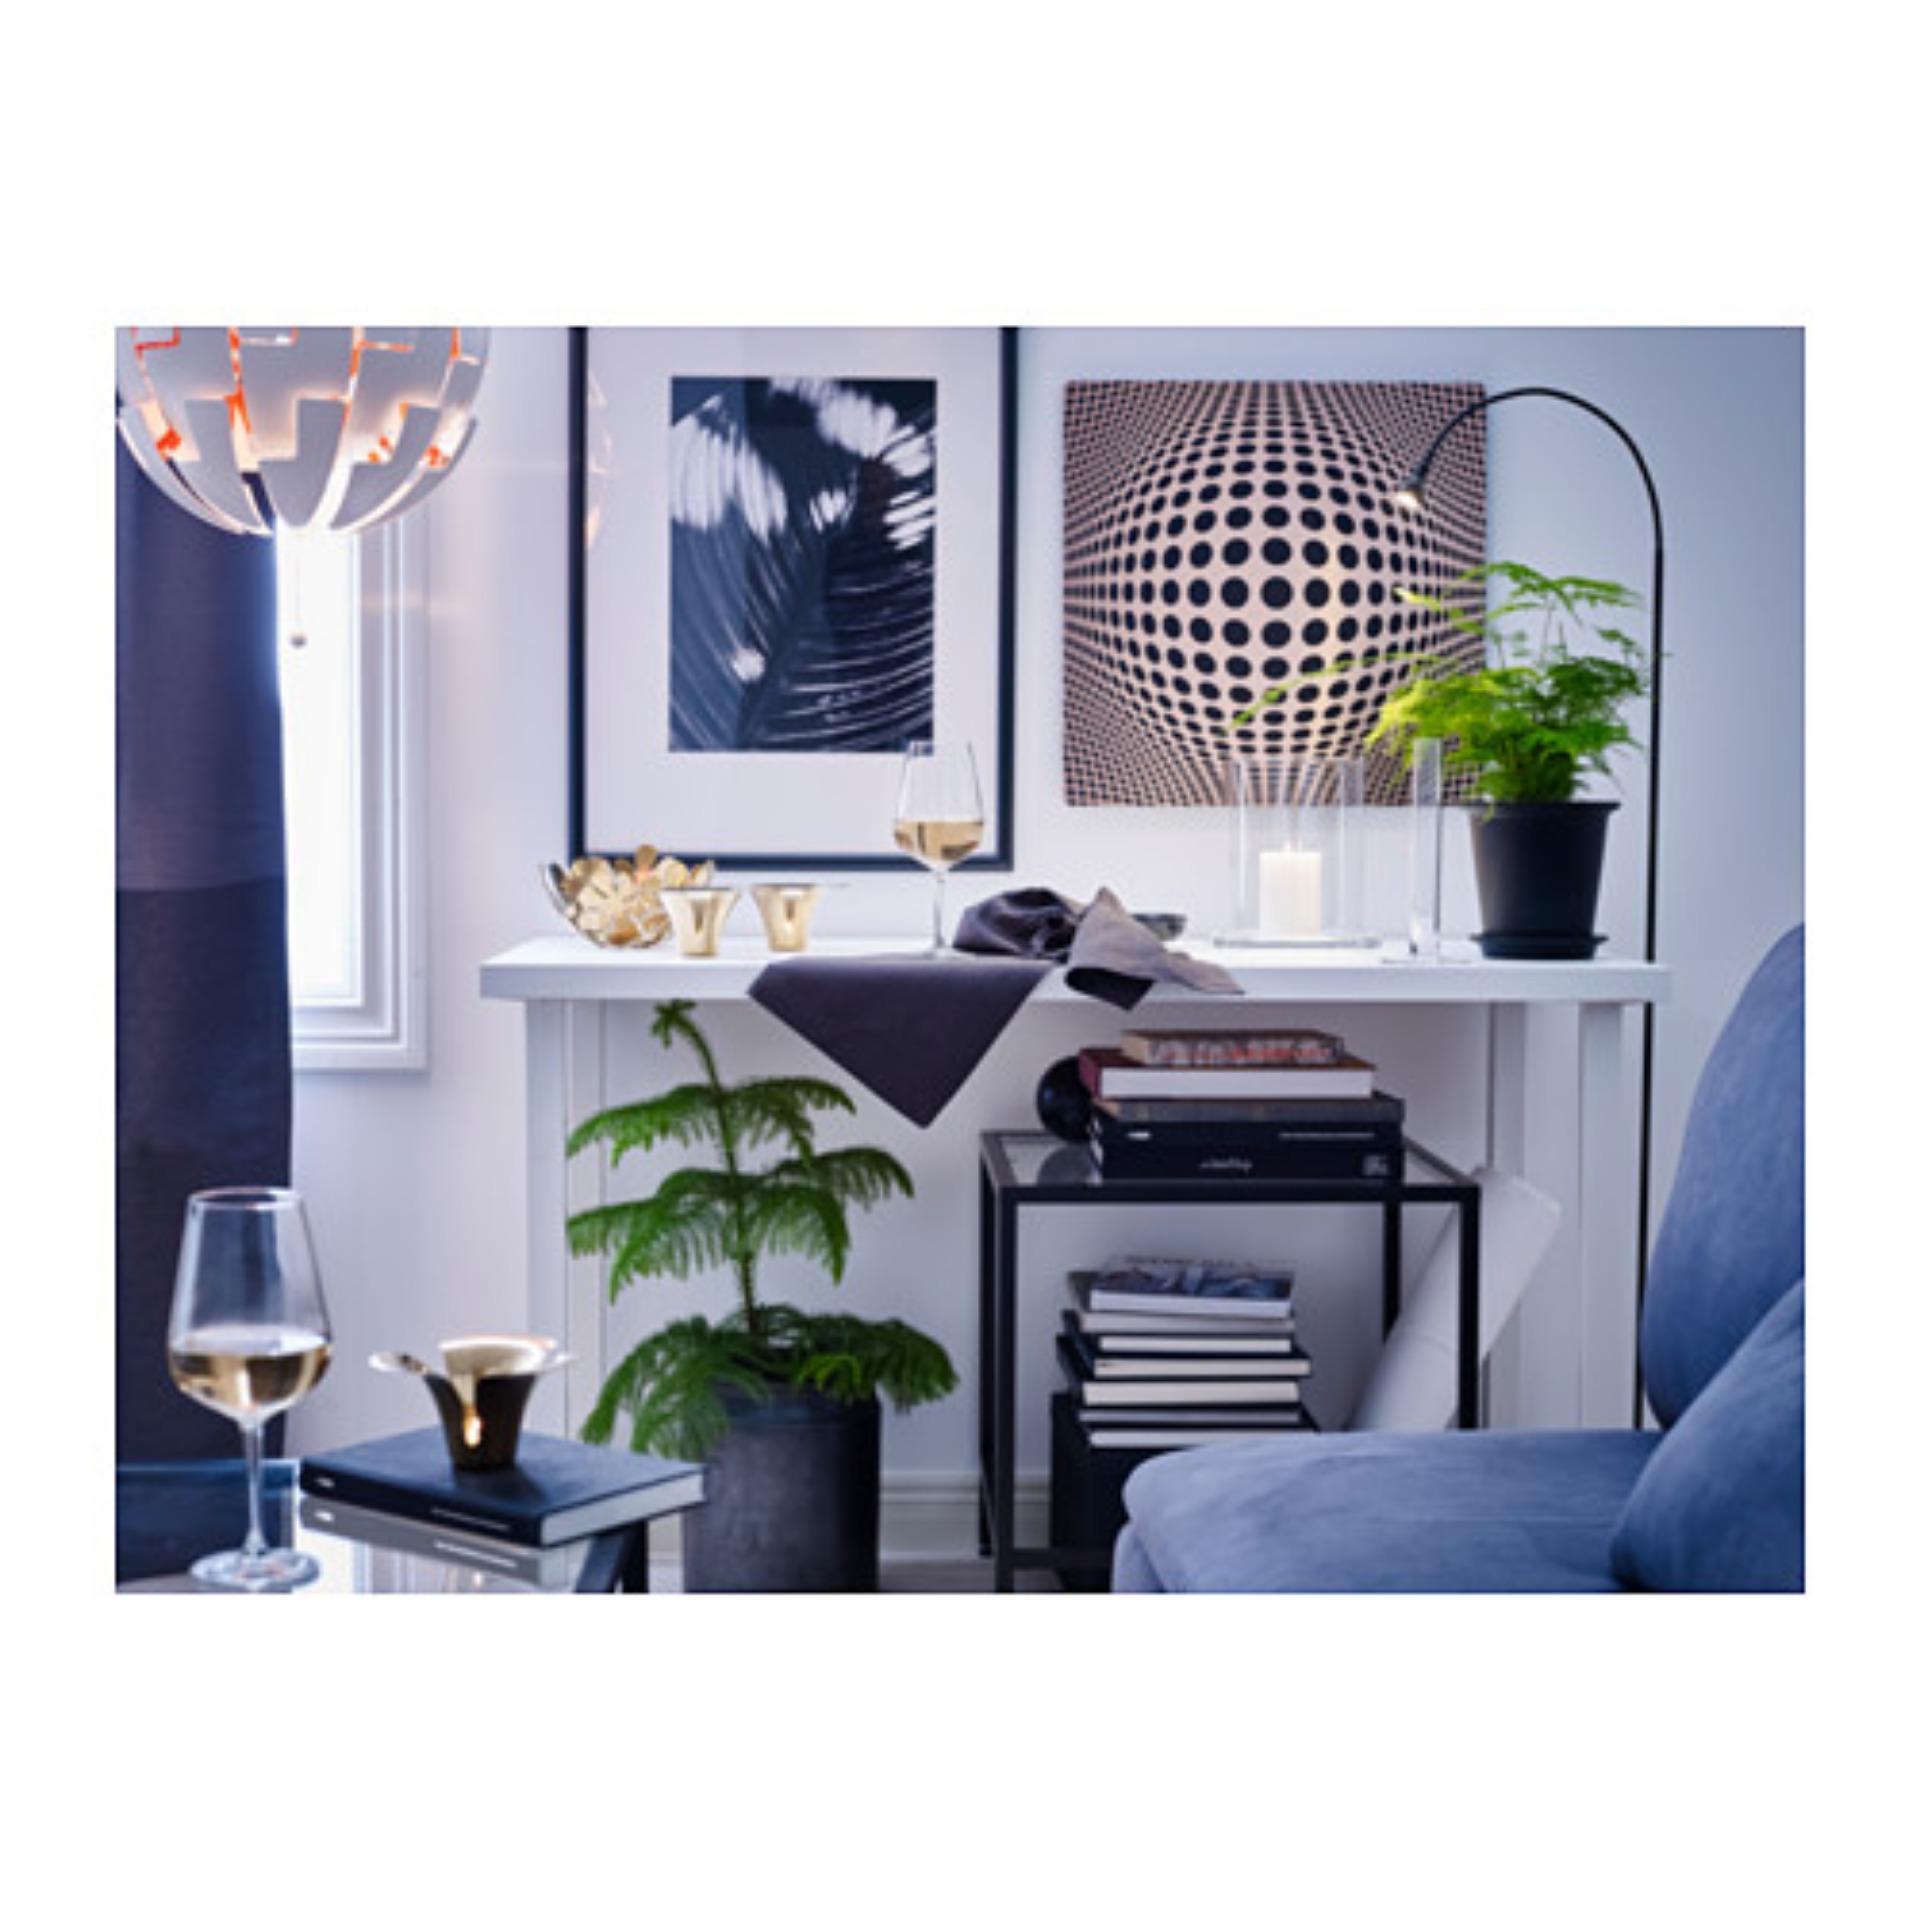 Cek Harga Baru Ikea Jansjo Lampu Lantai Berkualitas Tinggi Hitam Lampan Meja Putih 5